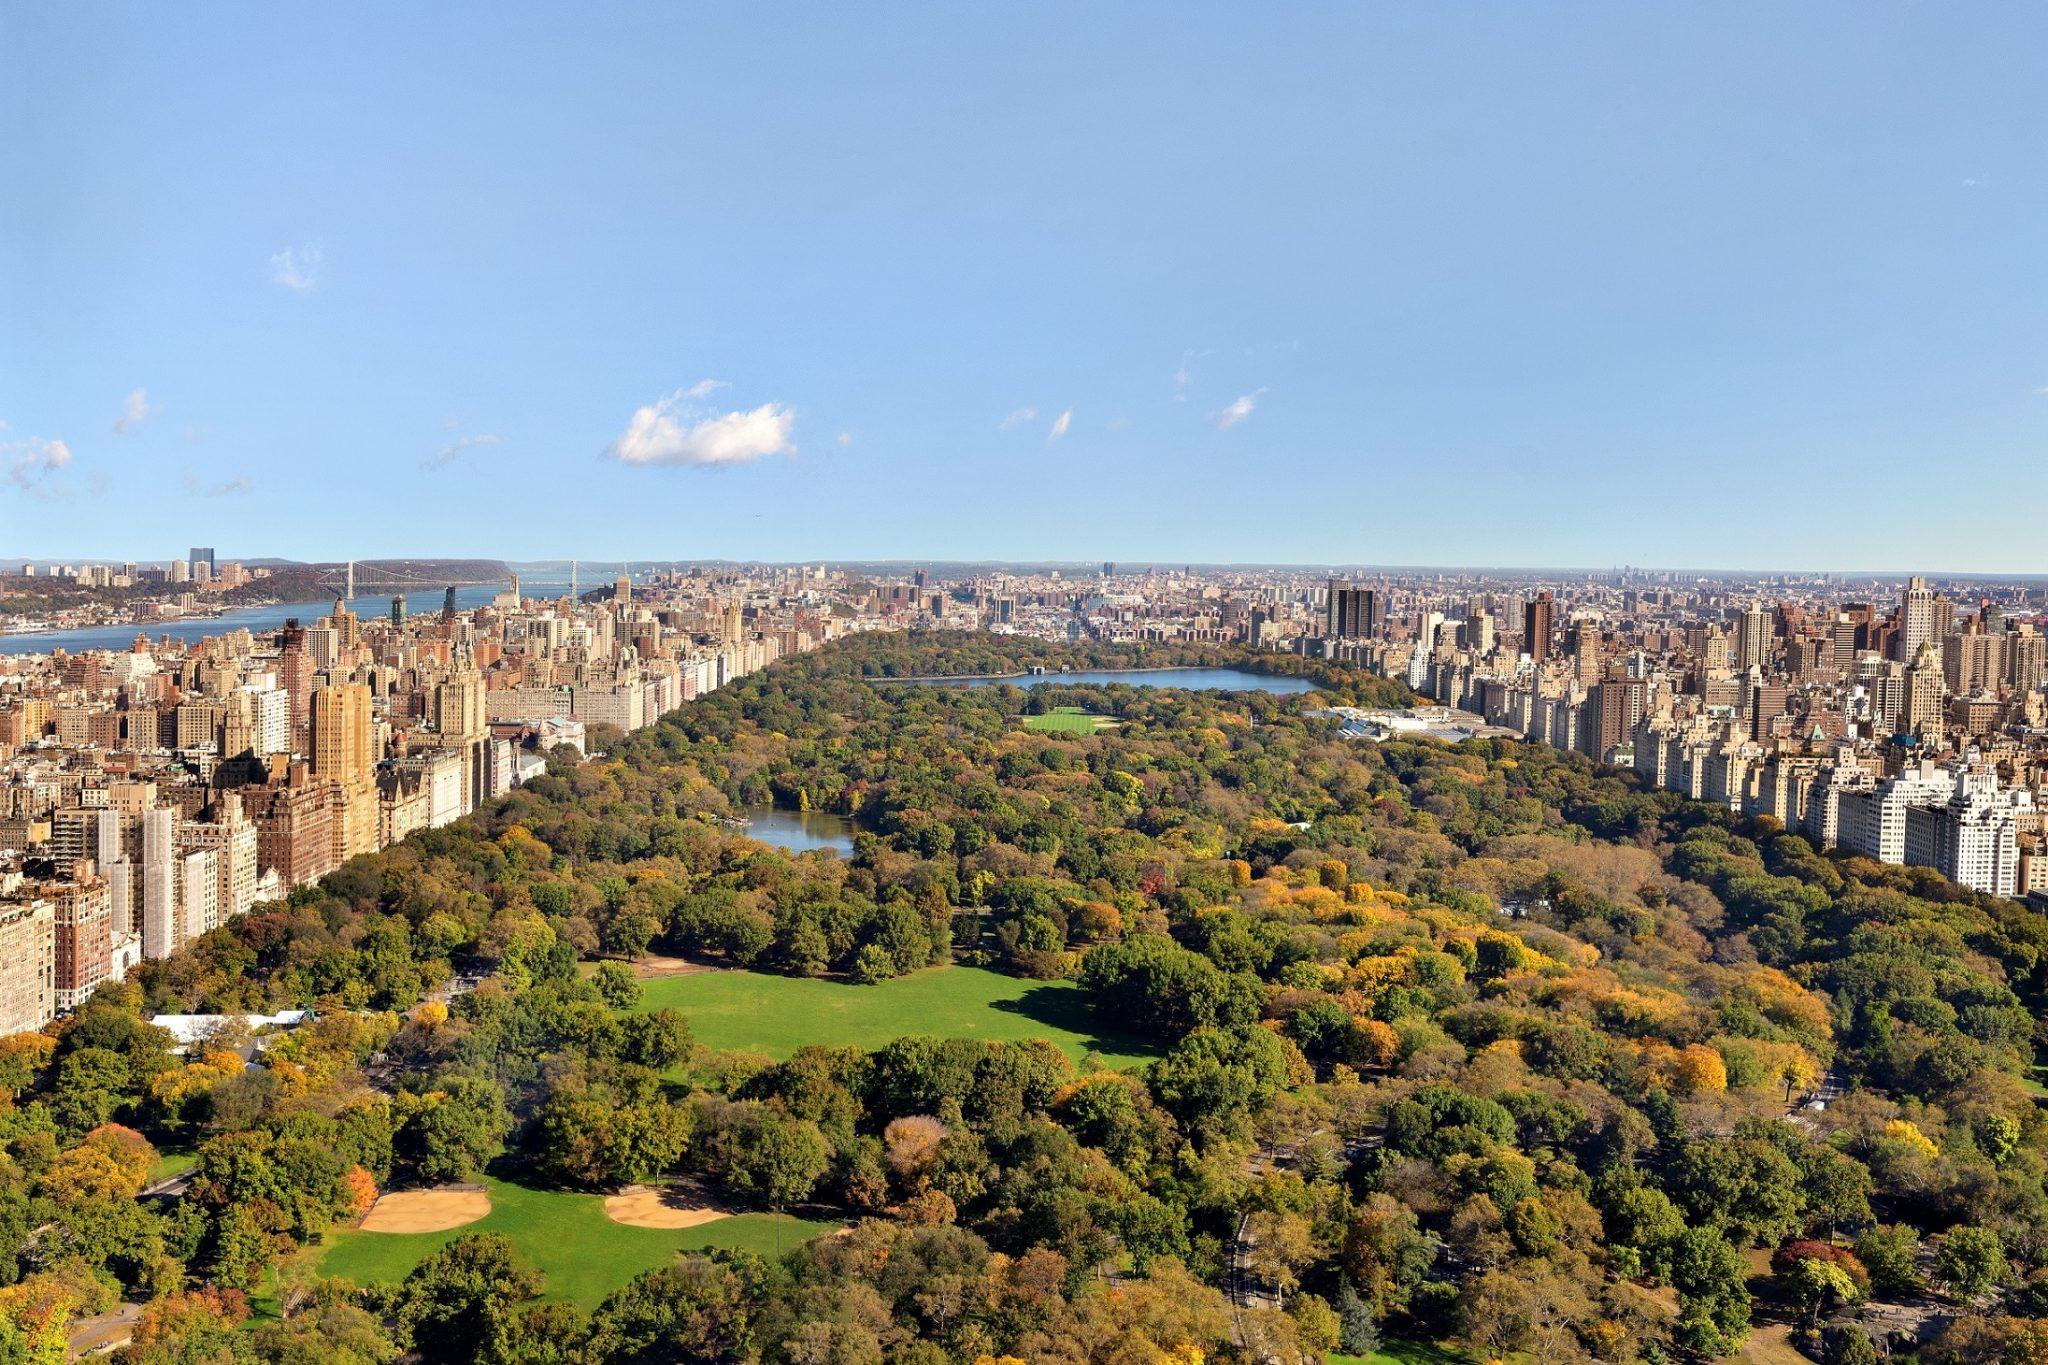 إطلالة جناح مانهاتن سكاي أعلى جناح فندقي في نيويورك على حدائق سنترال بارك الشهيرة